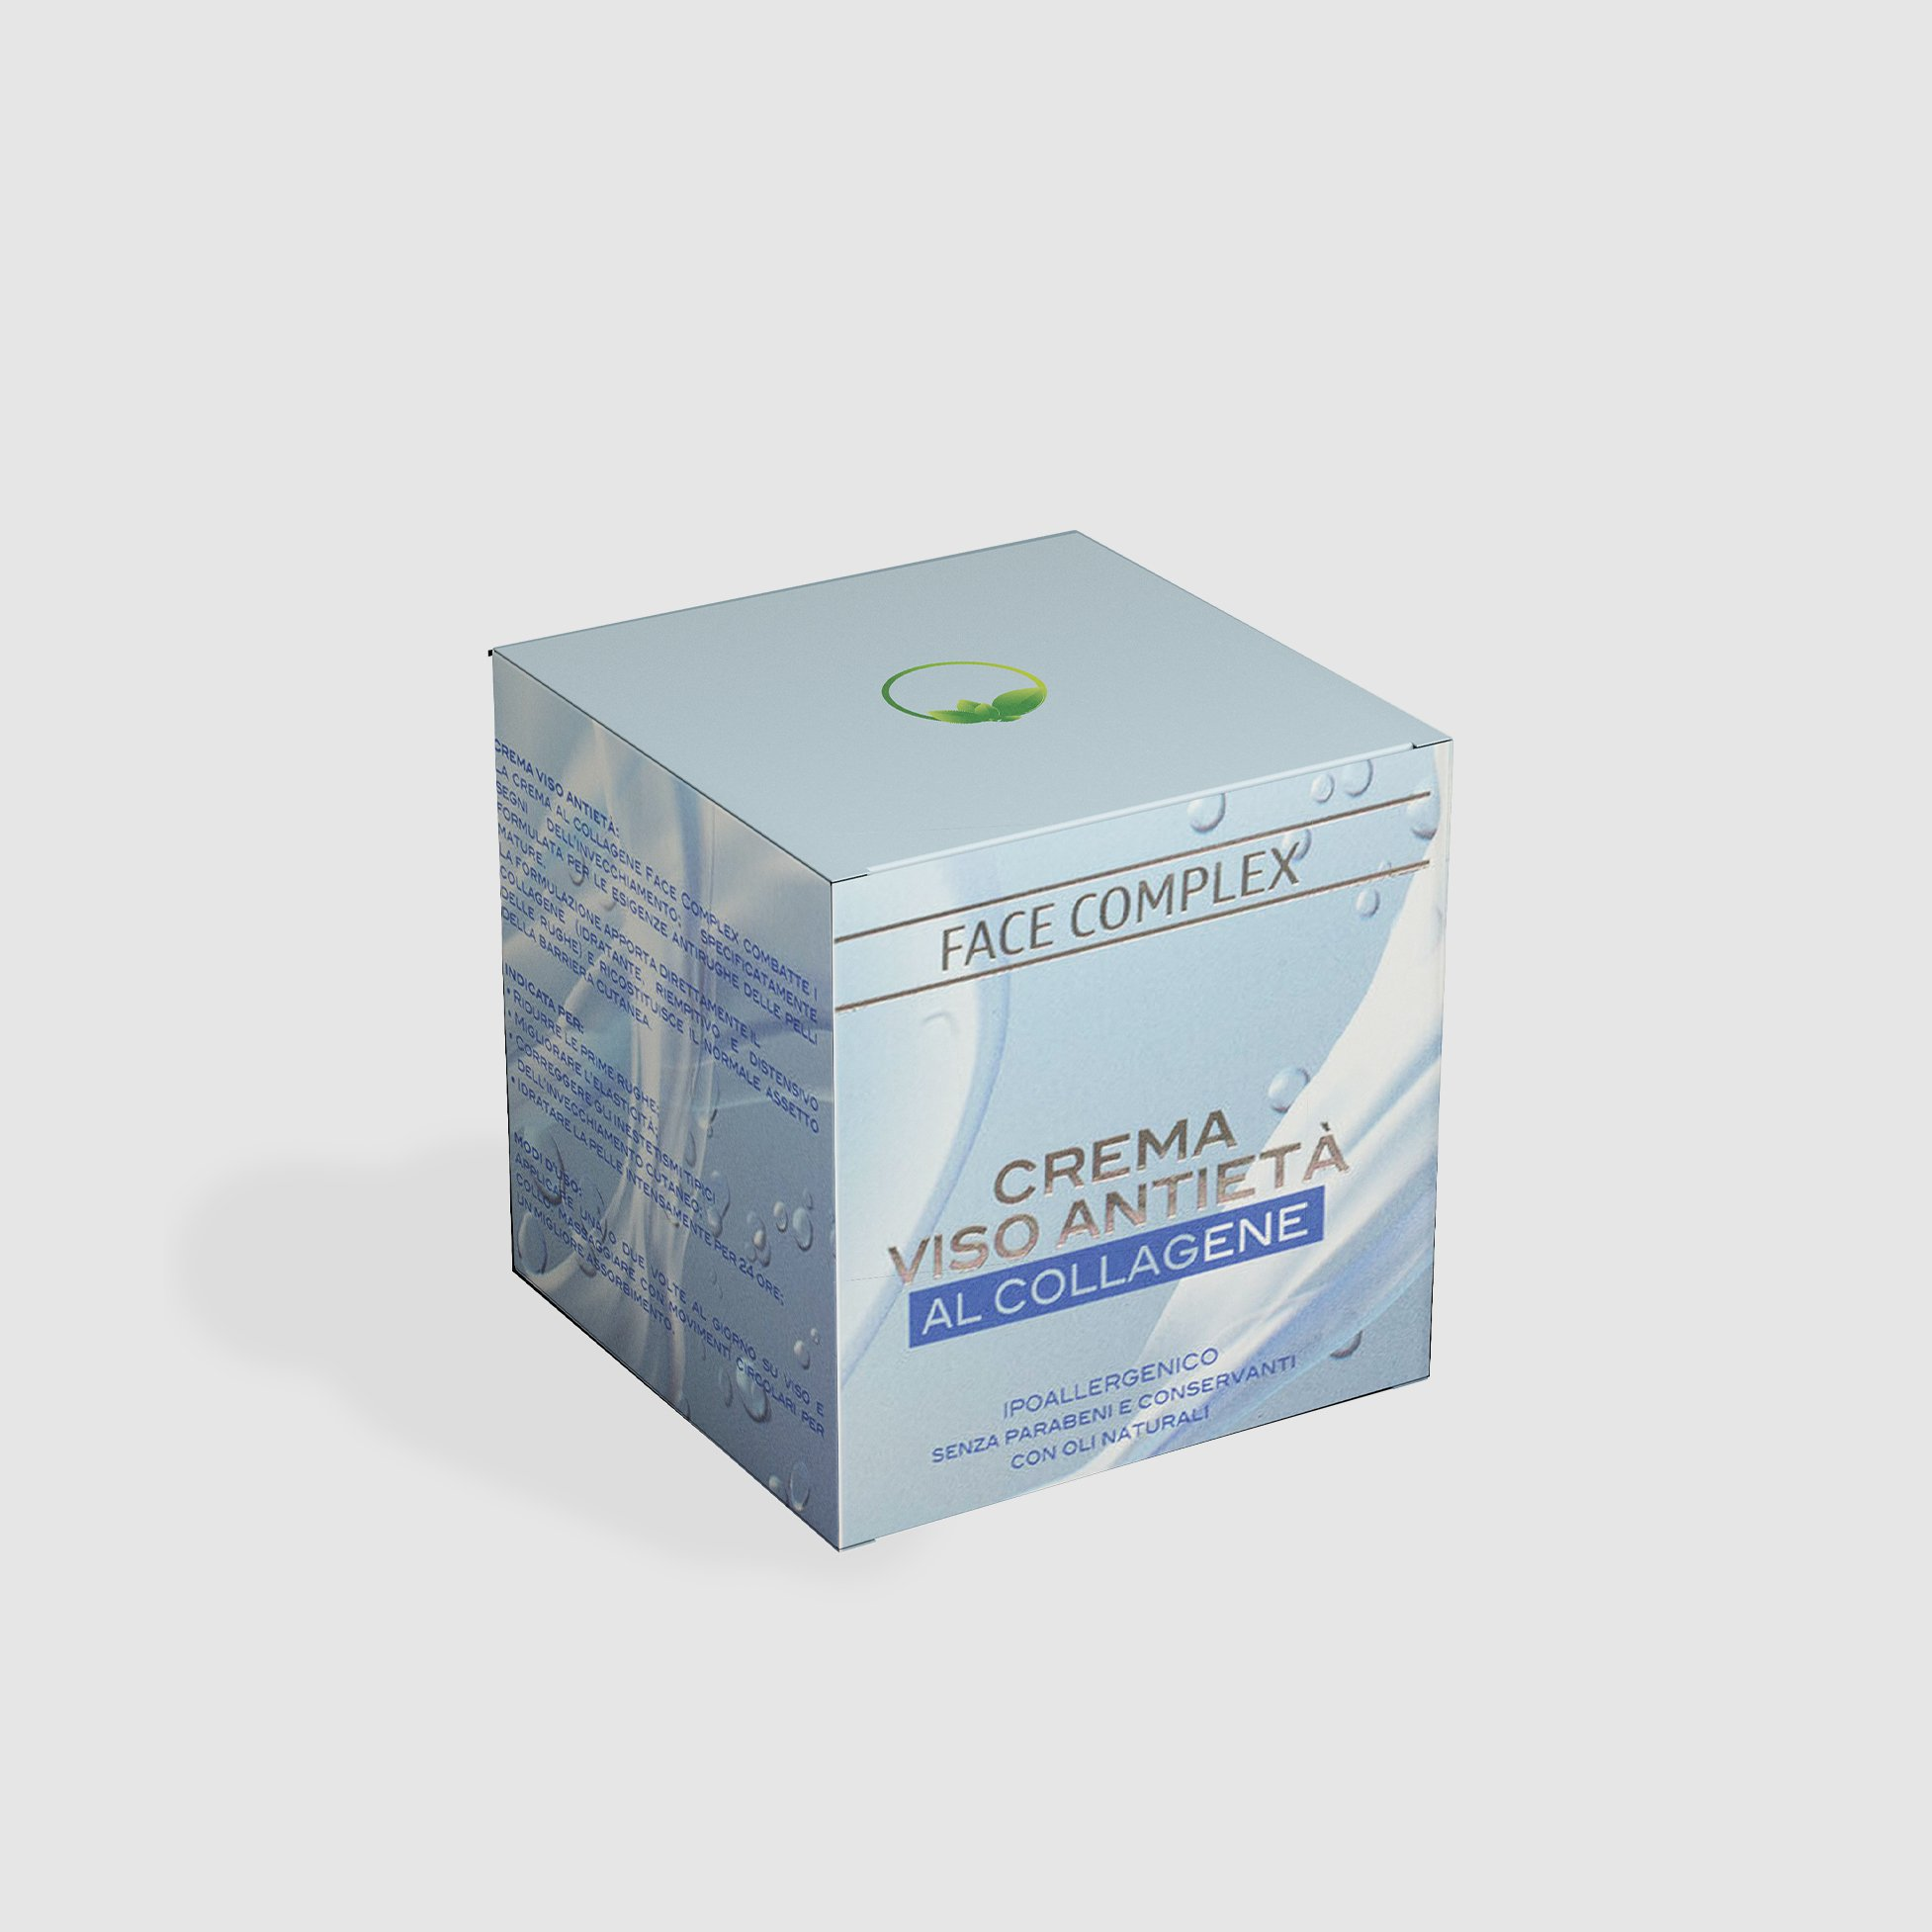 Face Complex Crema Viso Anti-Età Al Collagene - 50 ml